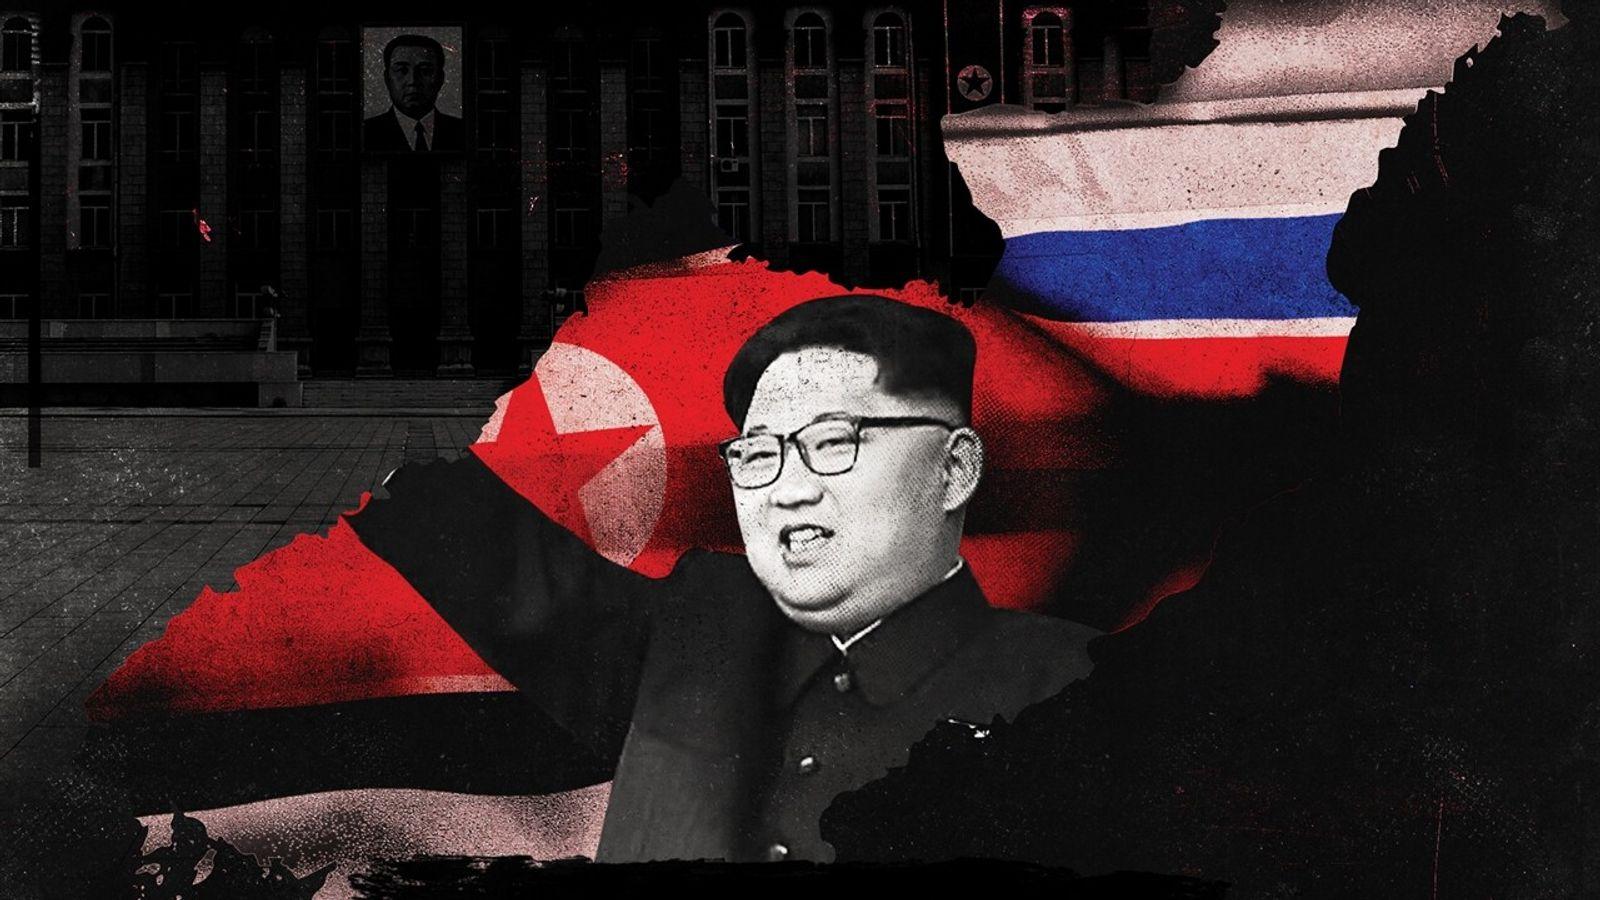 Las actividades ilegales de Corea del Norte | Corea del Norte: Crímenes Impunes